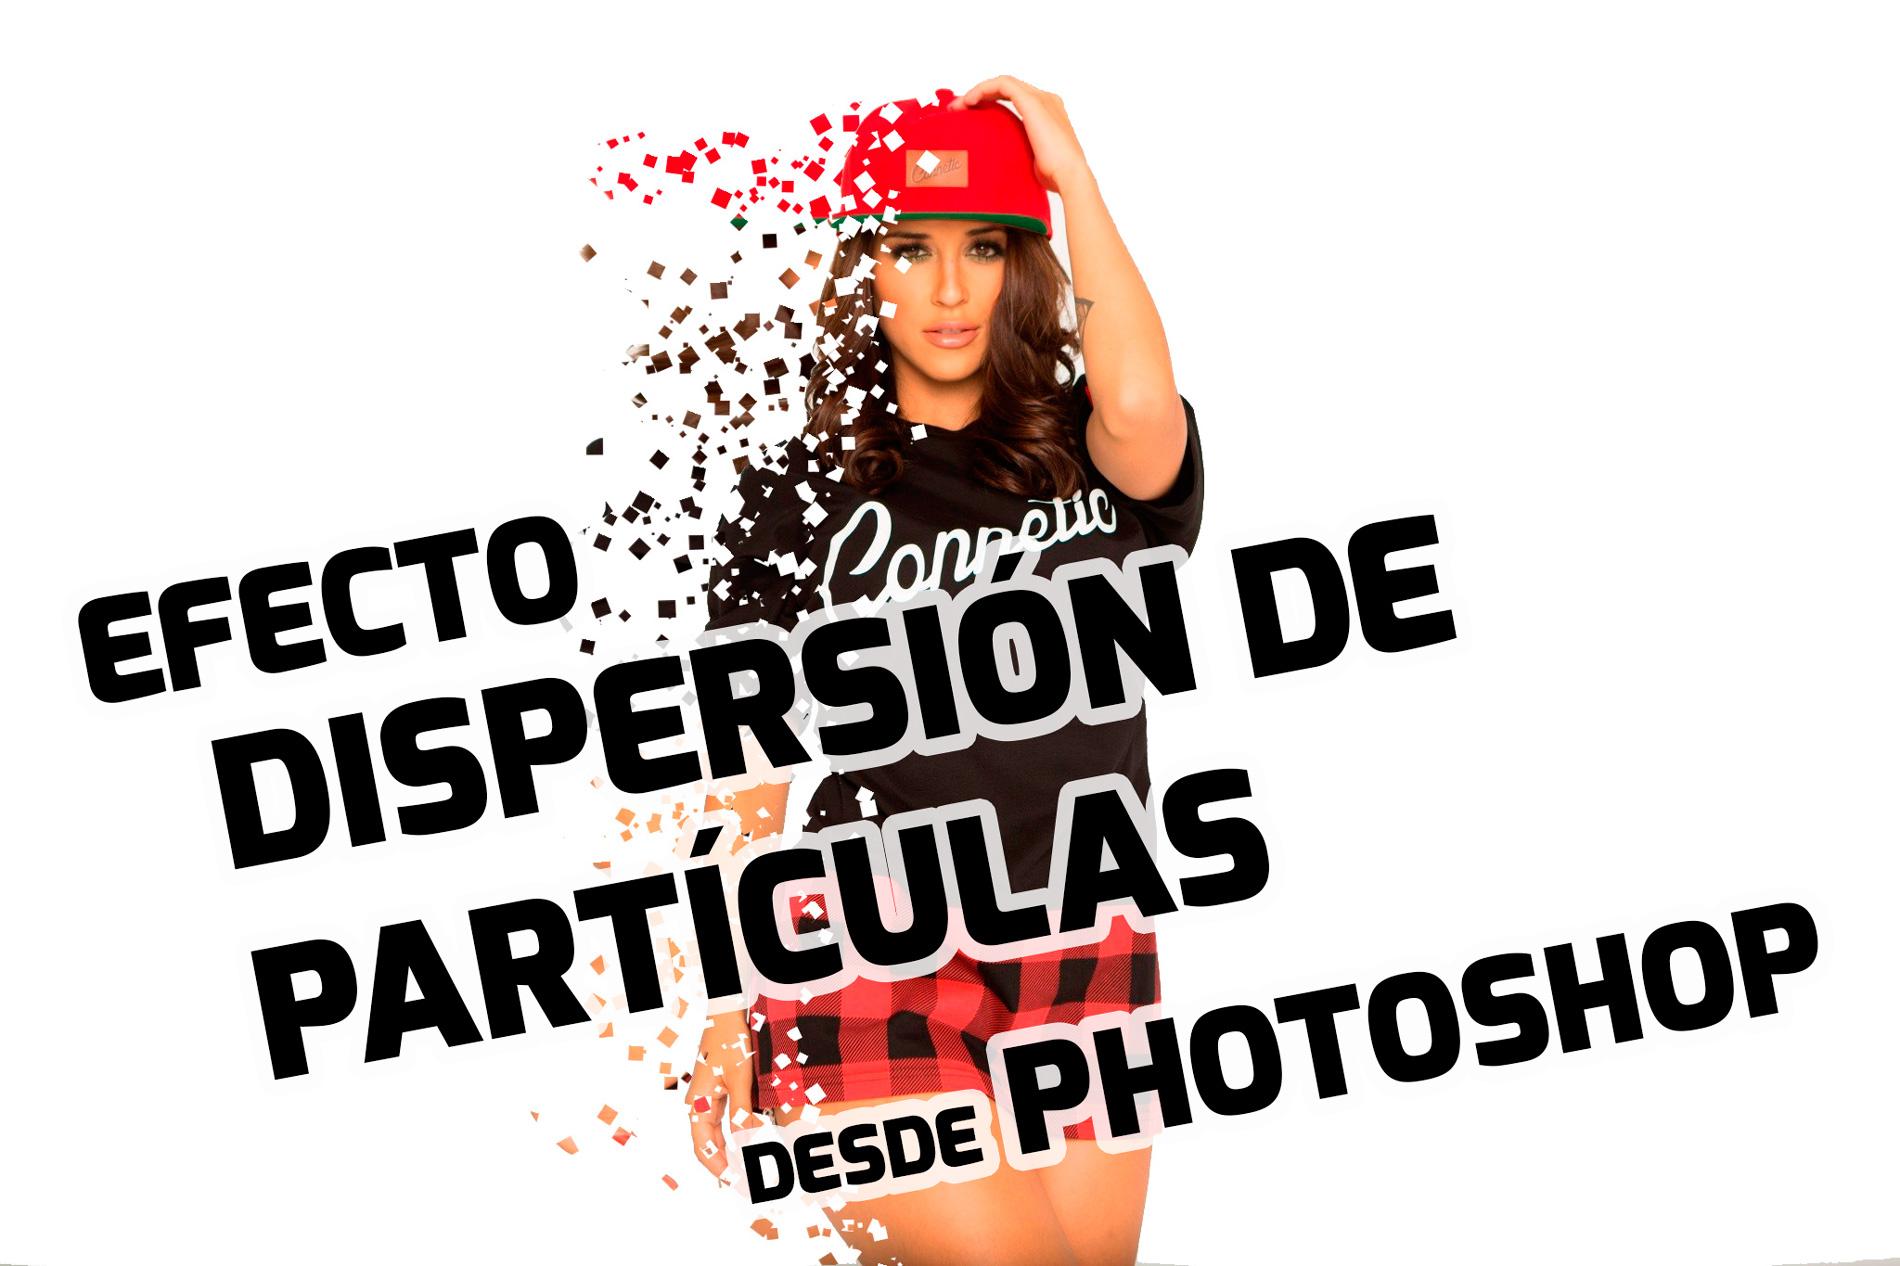 dispersión de partículas